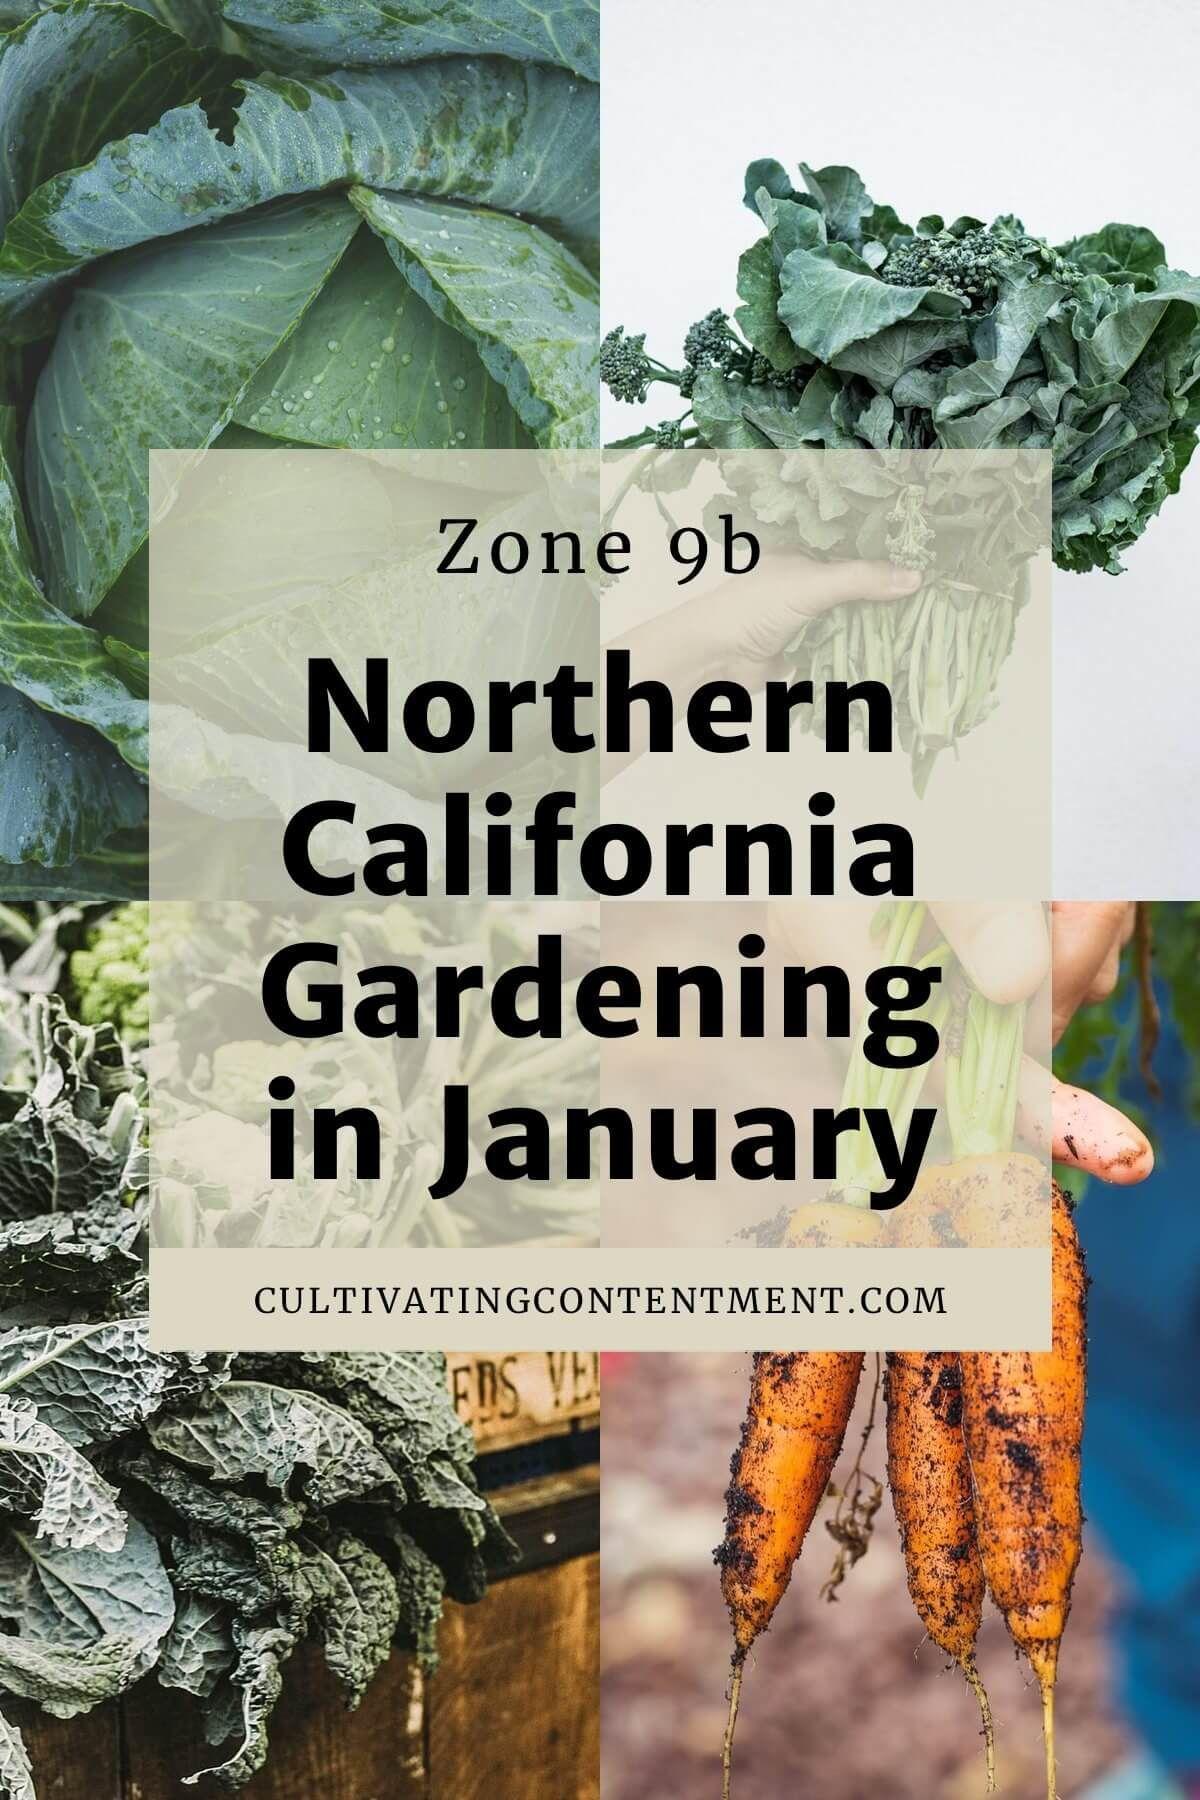 Nordkalifornien Das Im Januar Im Garten Arbeitet Sie Wissen Nicht Was Sie In Ihrem Wintergemusegart Wintergemuse Anbauen California Garten Nordkalifornien